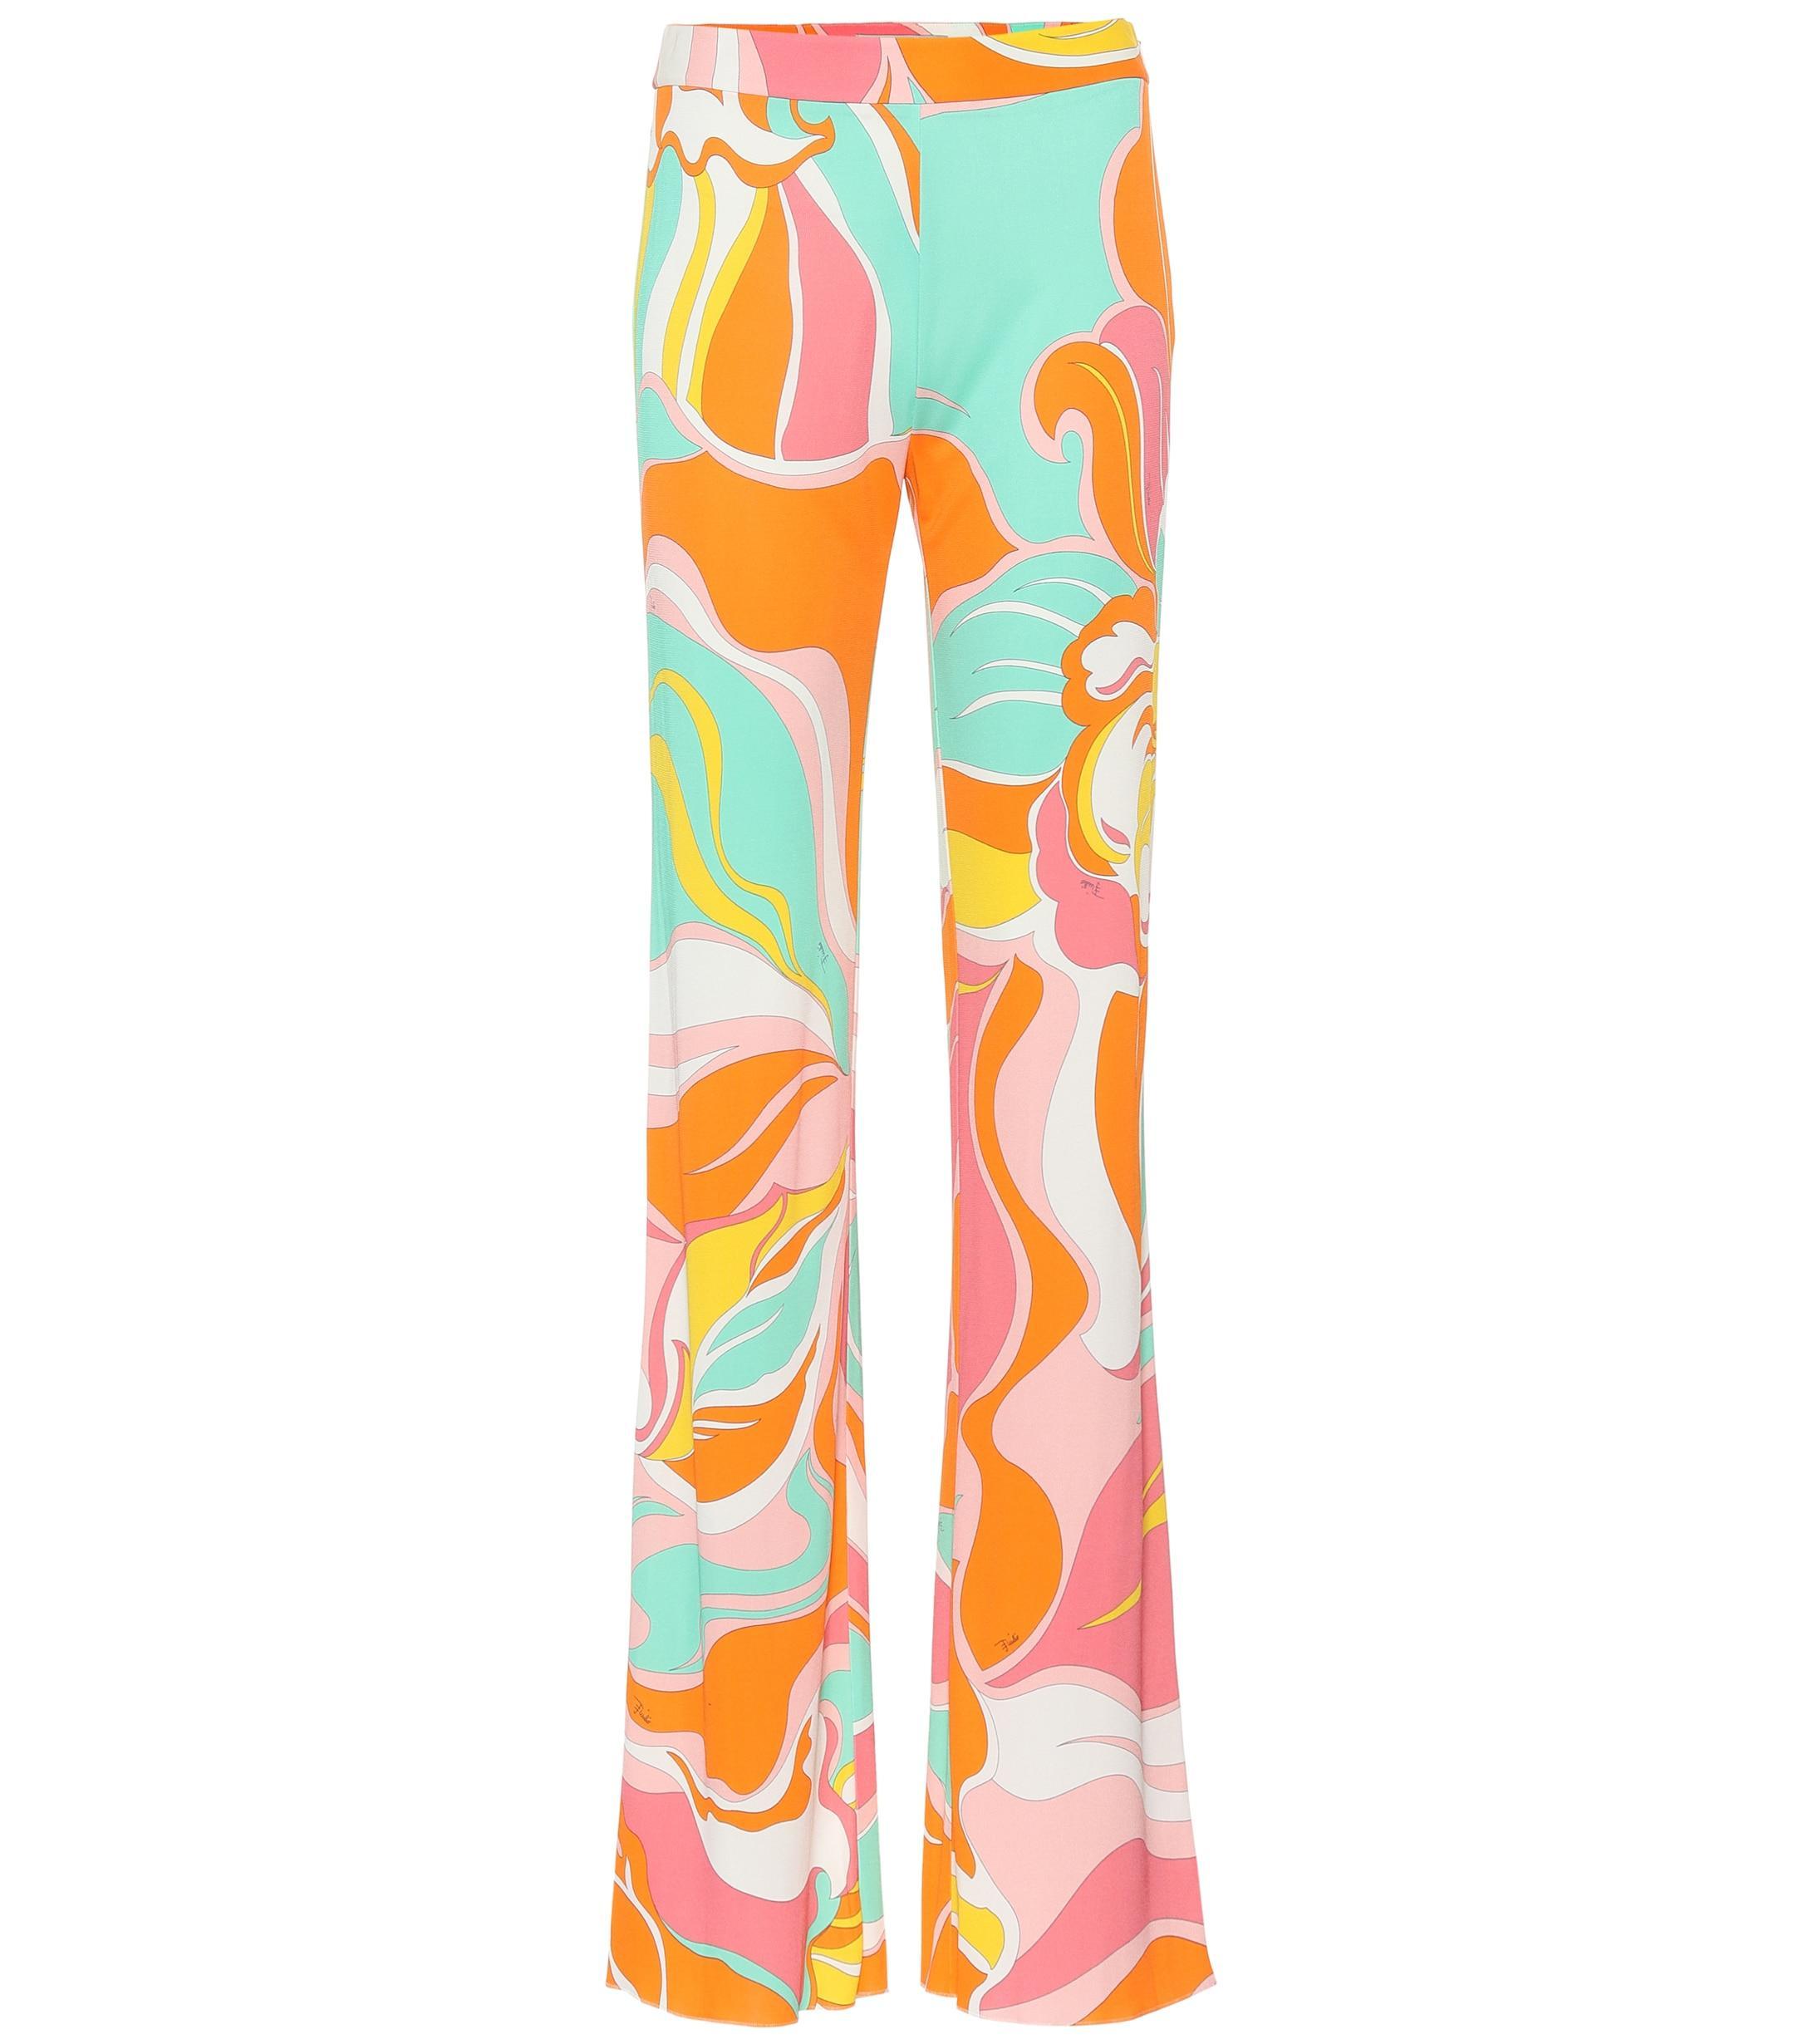 b8e2eb6714cb Lyst - Emilio Pucci Printed Silk-blend Jersey Pants in Orange